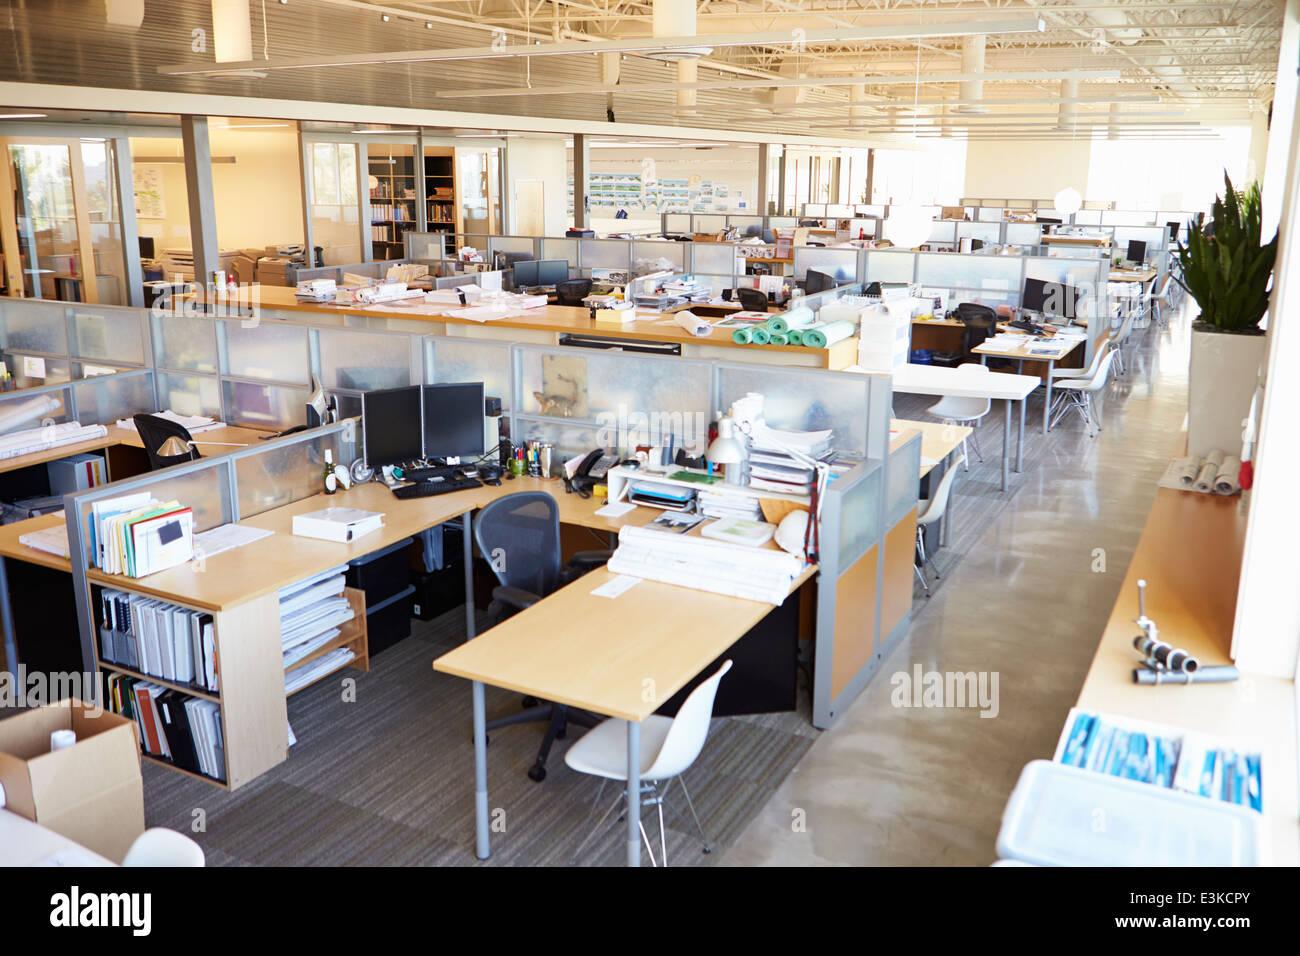 Empty Modern Open Plan Office - Stock Image